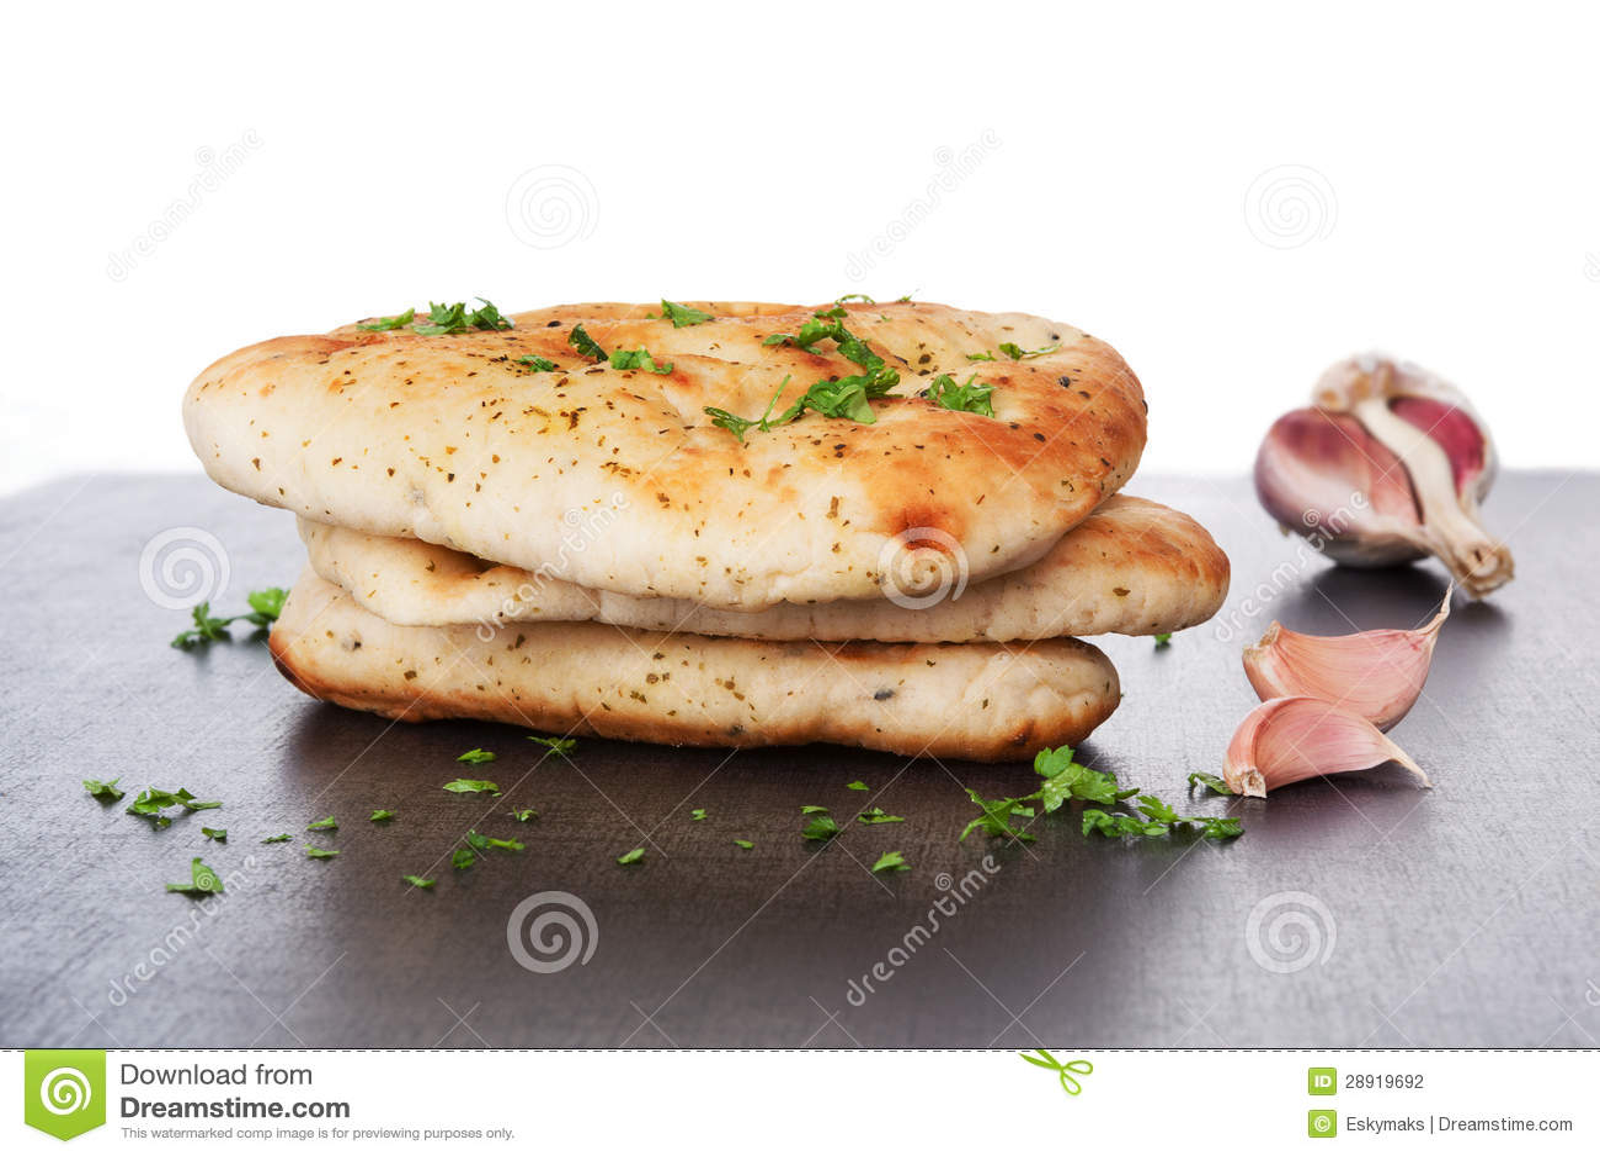 Delicious naan bread background.